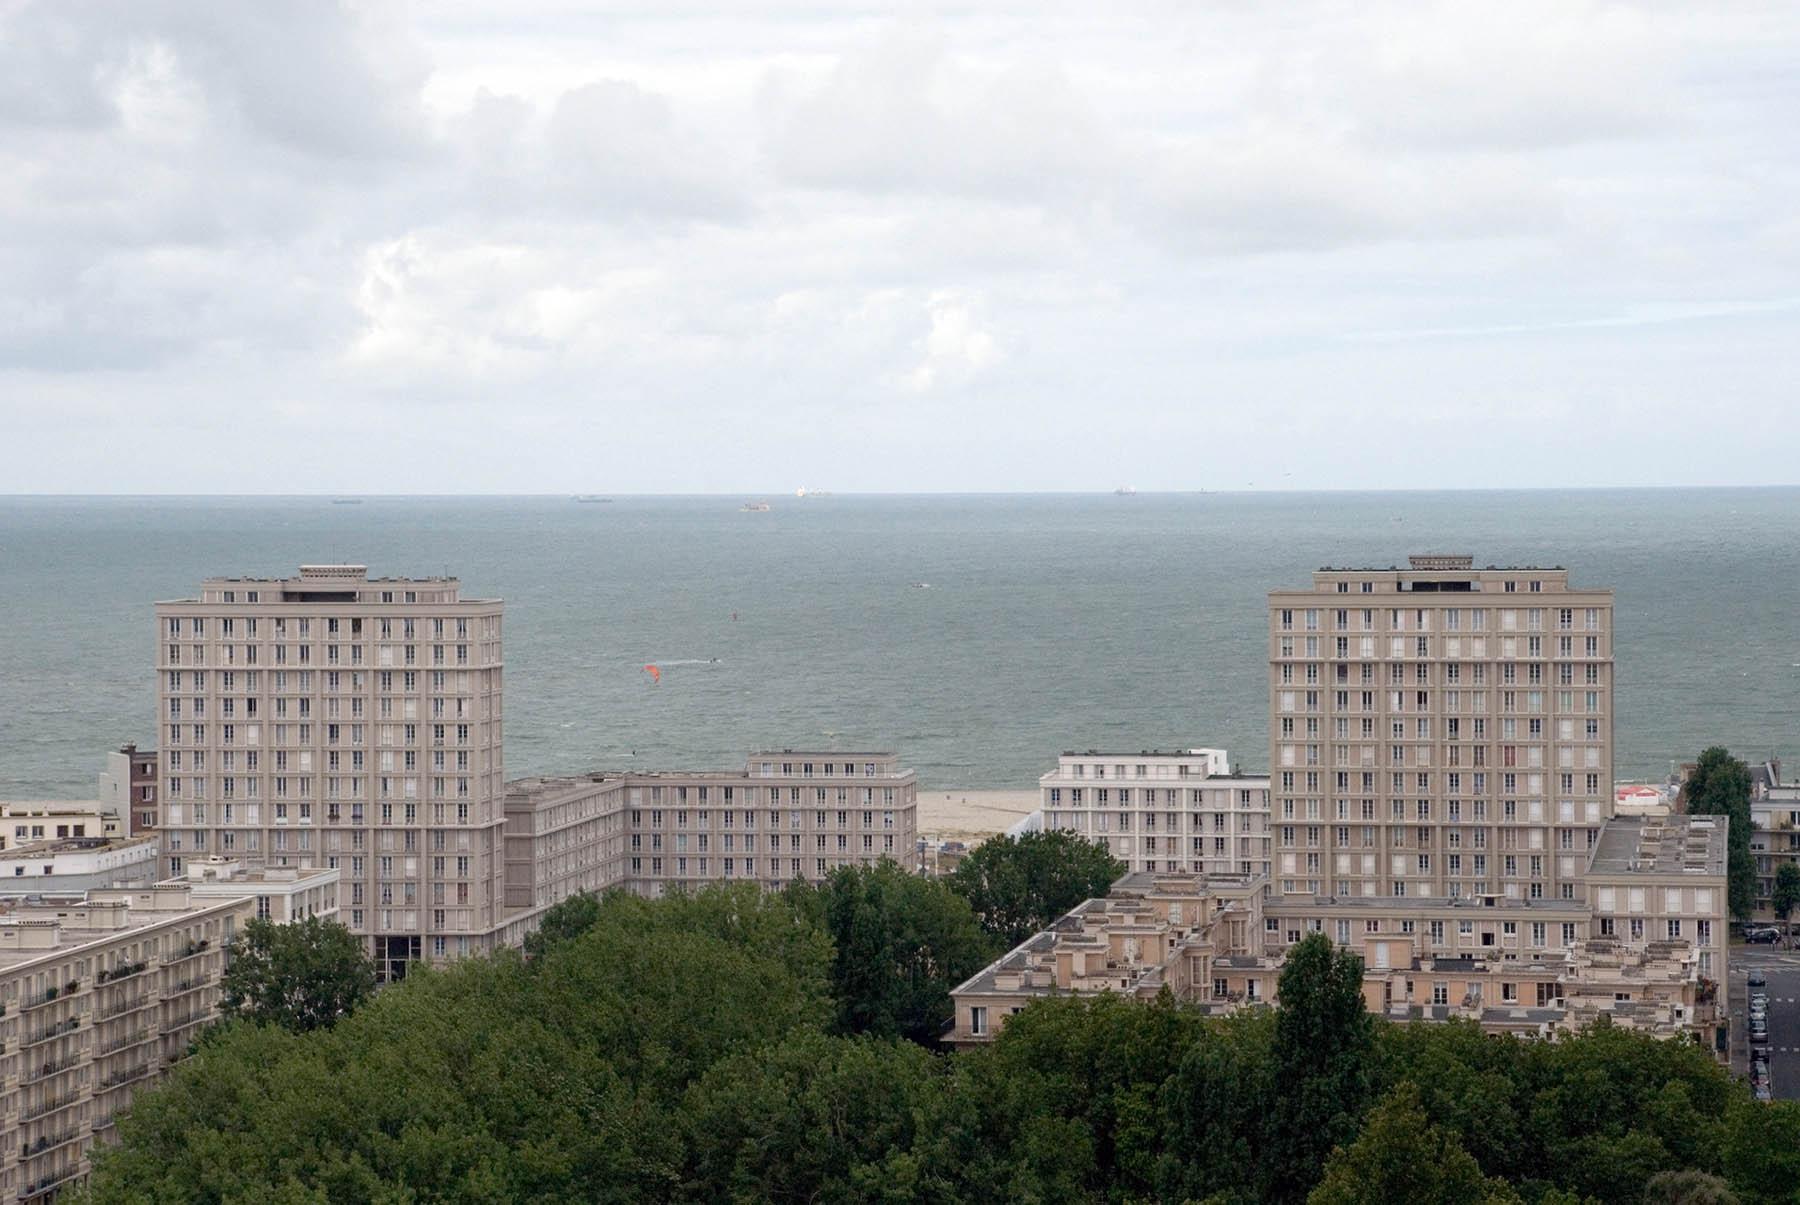 Das monumentale Dreieck. Perspektivisch eindrucksvoll rahmt die Porte Océane den Blick auf den Atlantik und ...